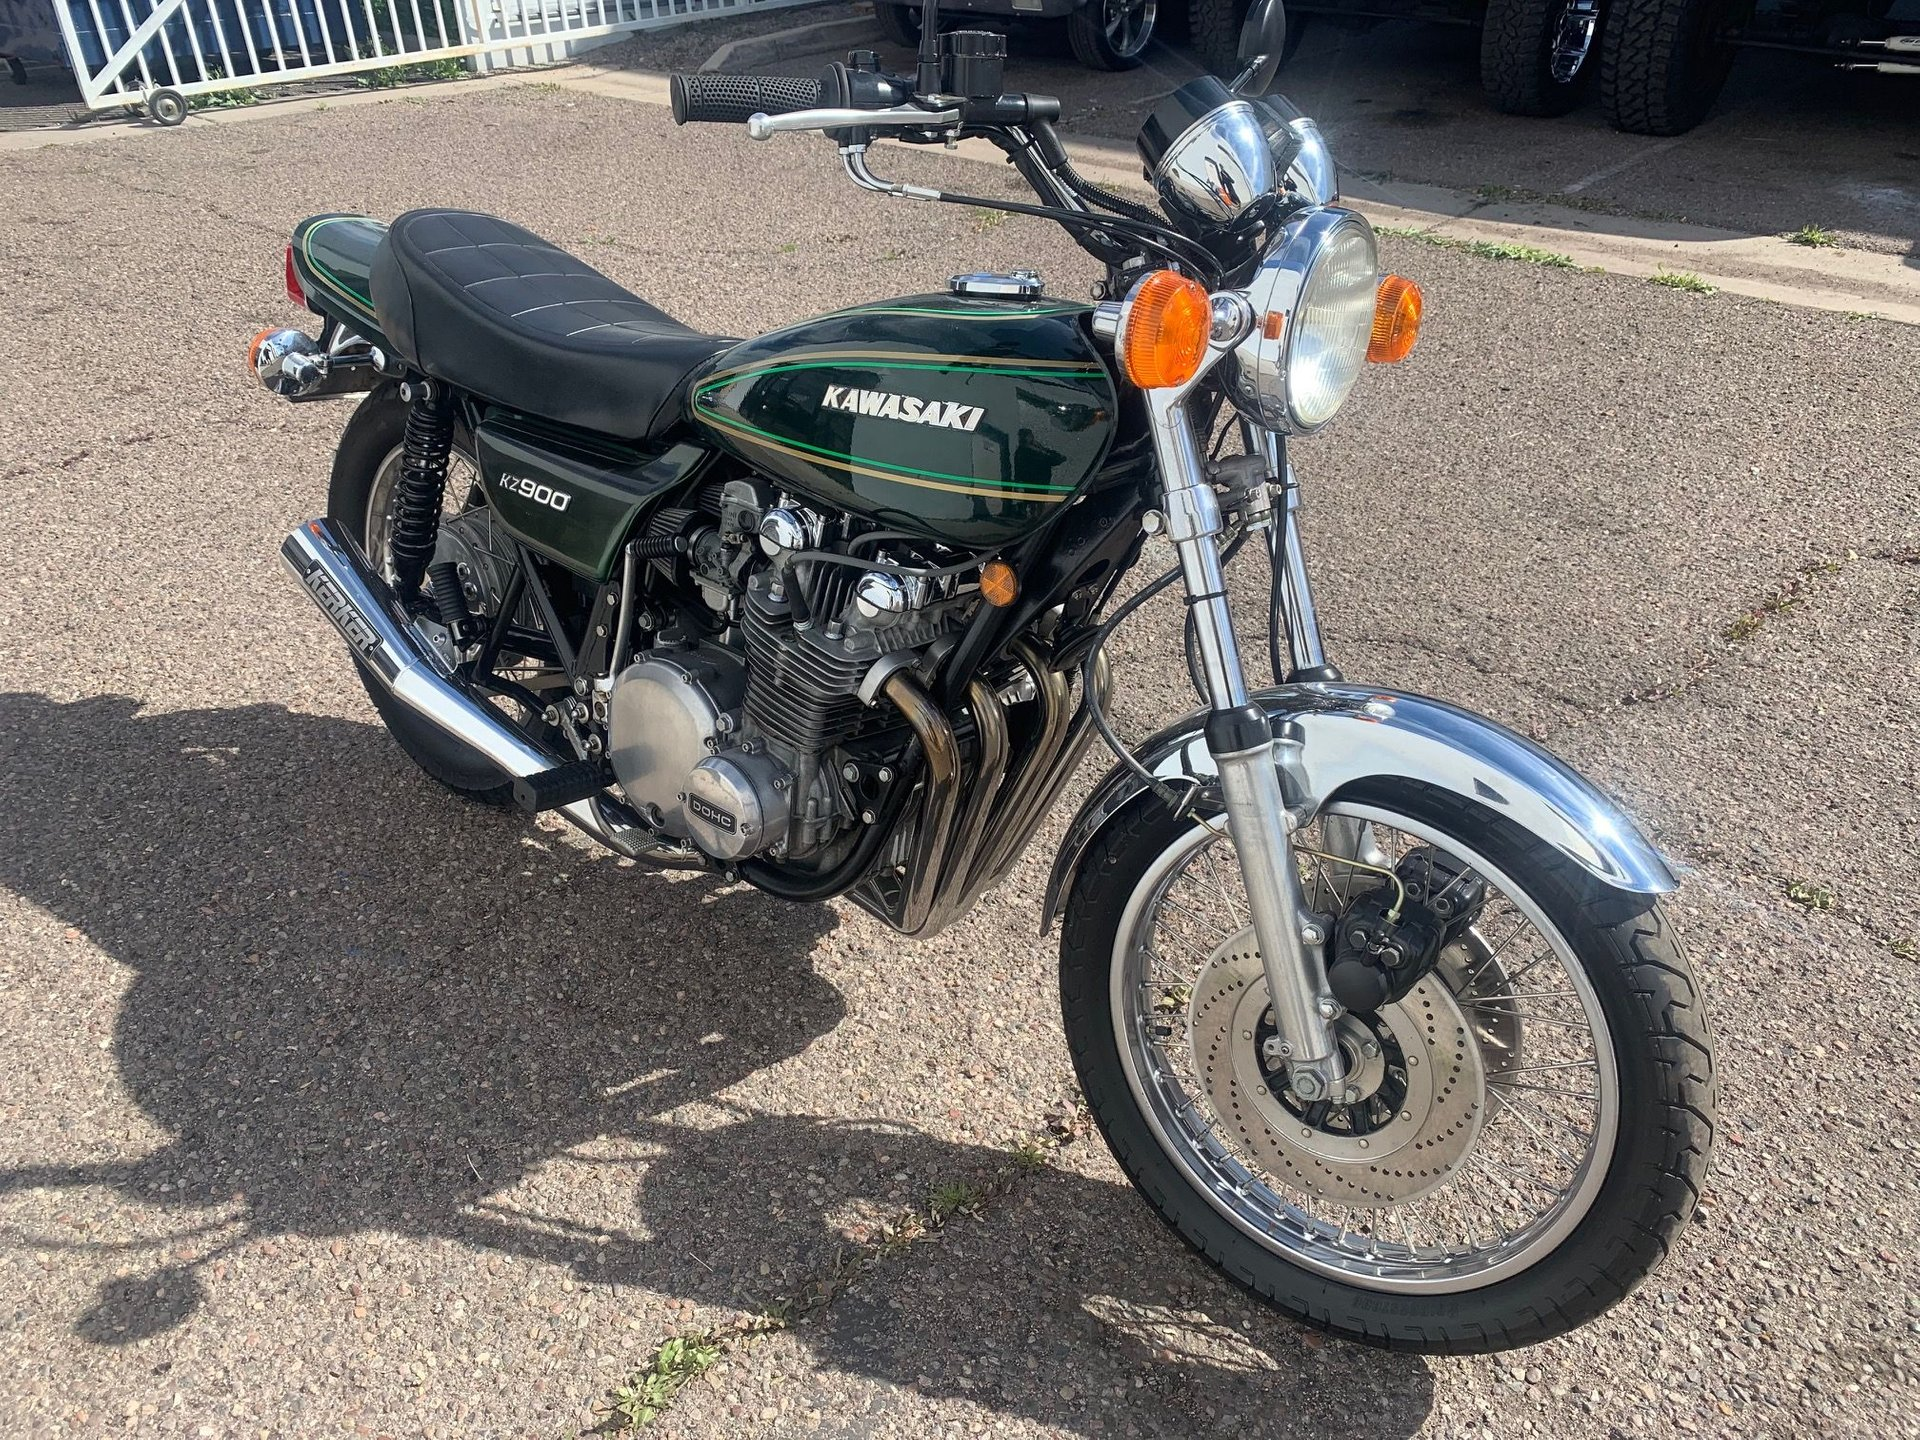 1978 kawasaki kz 900 motorcycle